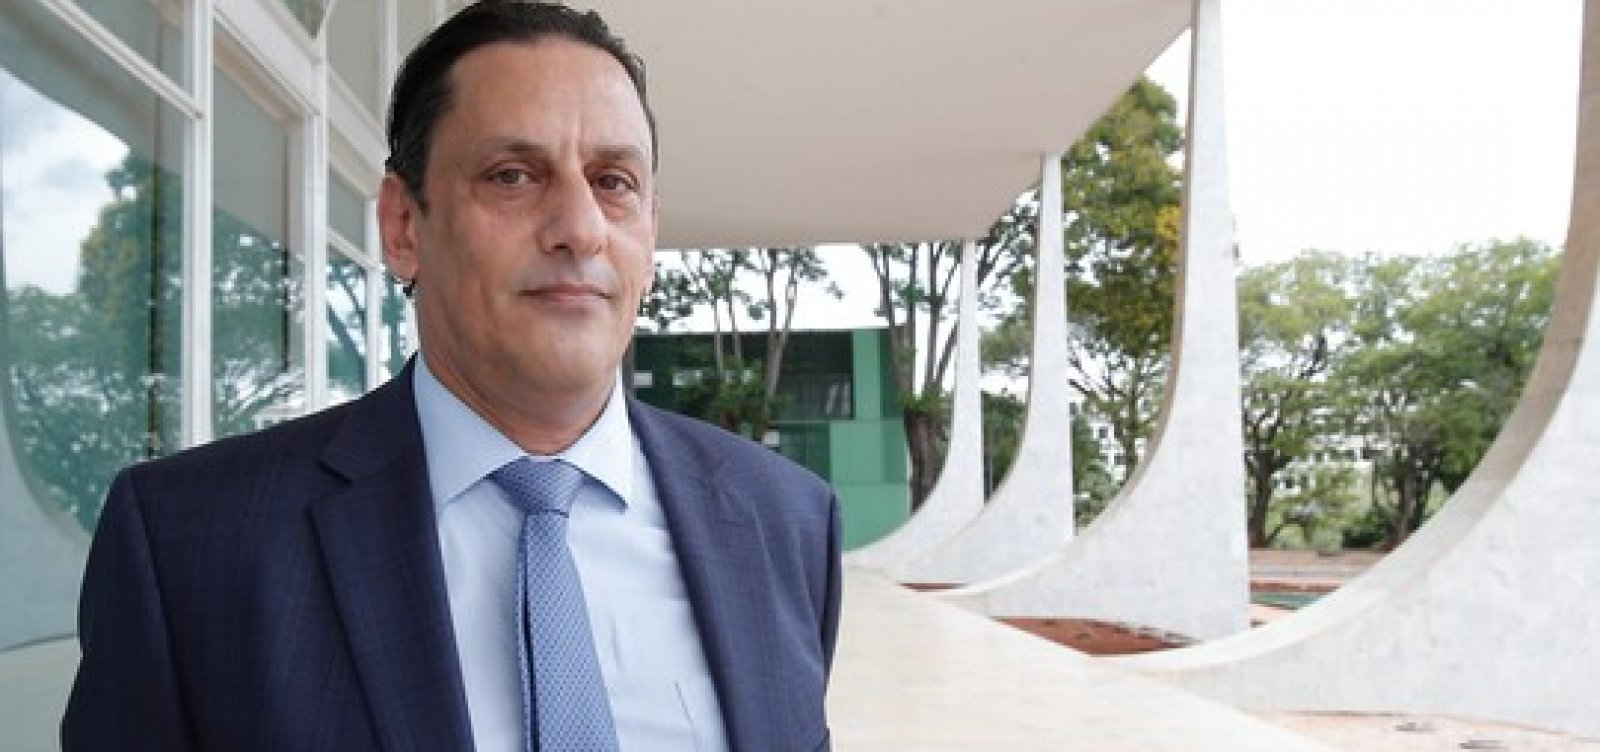 [Wassef diz que foi informado de plano para assassinar Queiroz e colocar culpa na família Bolsonaro]